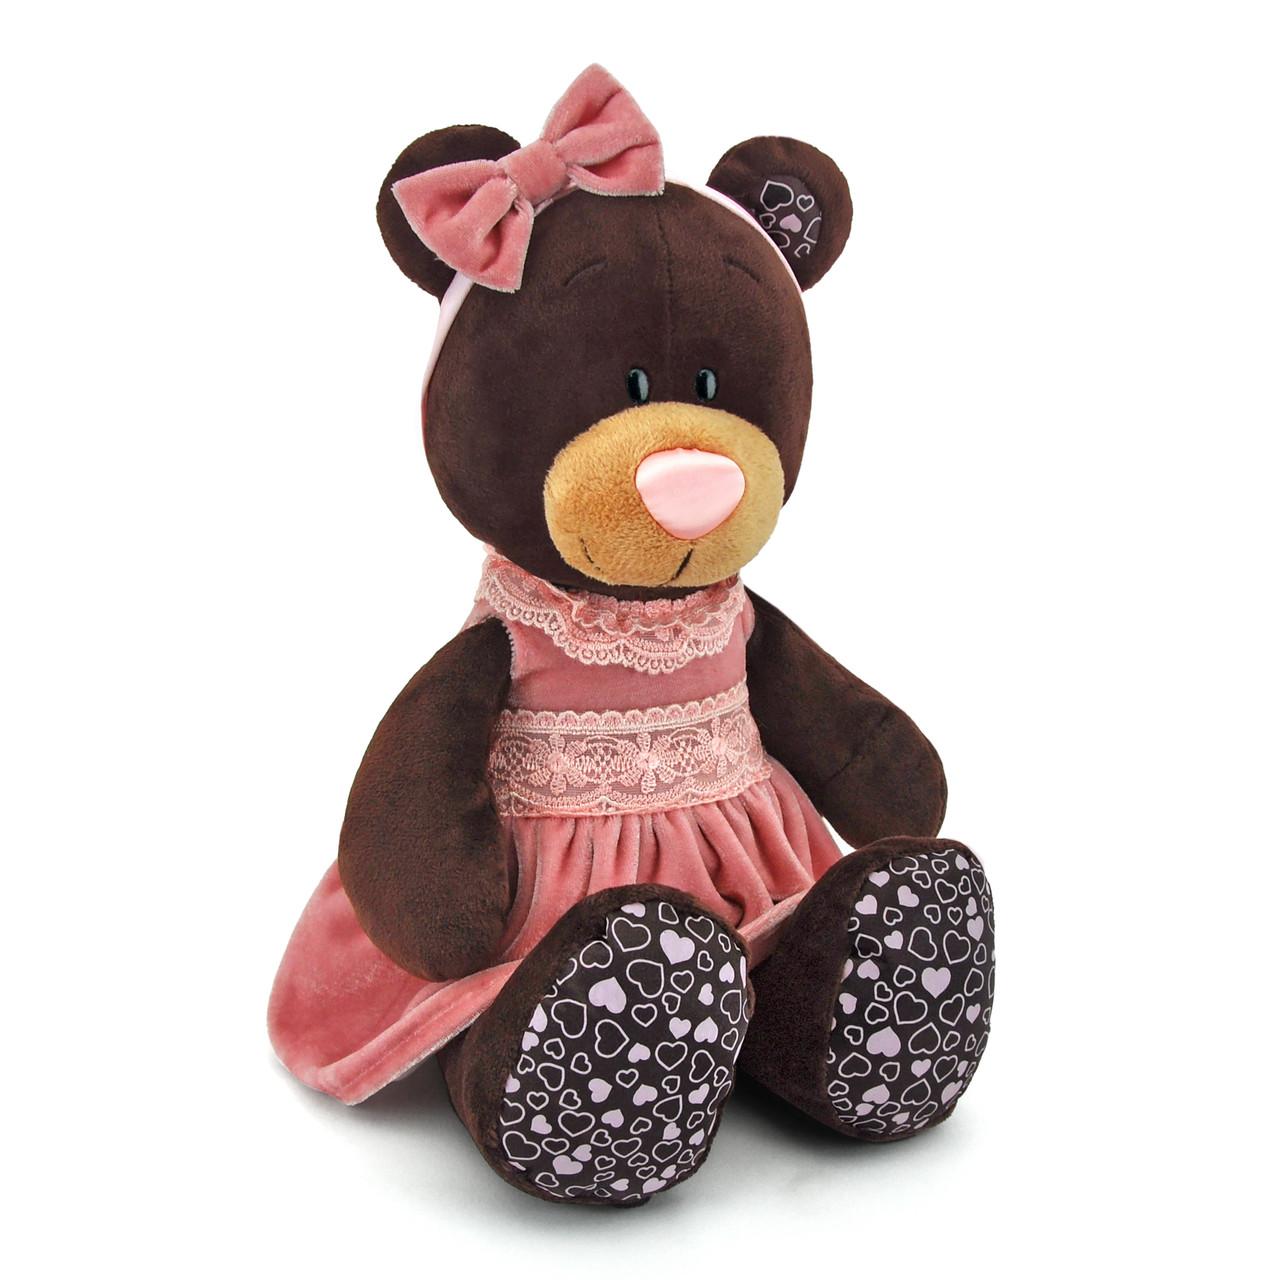 Мягкая игрушка «Orange» (M5043/25) медвежонок Milk в розовом платье сидячая, 25 см